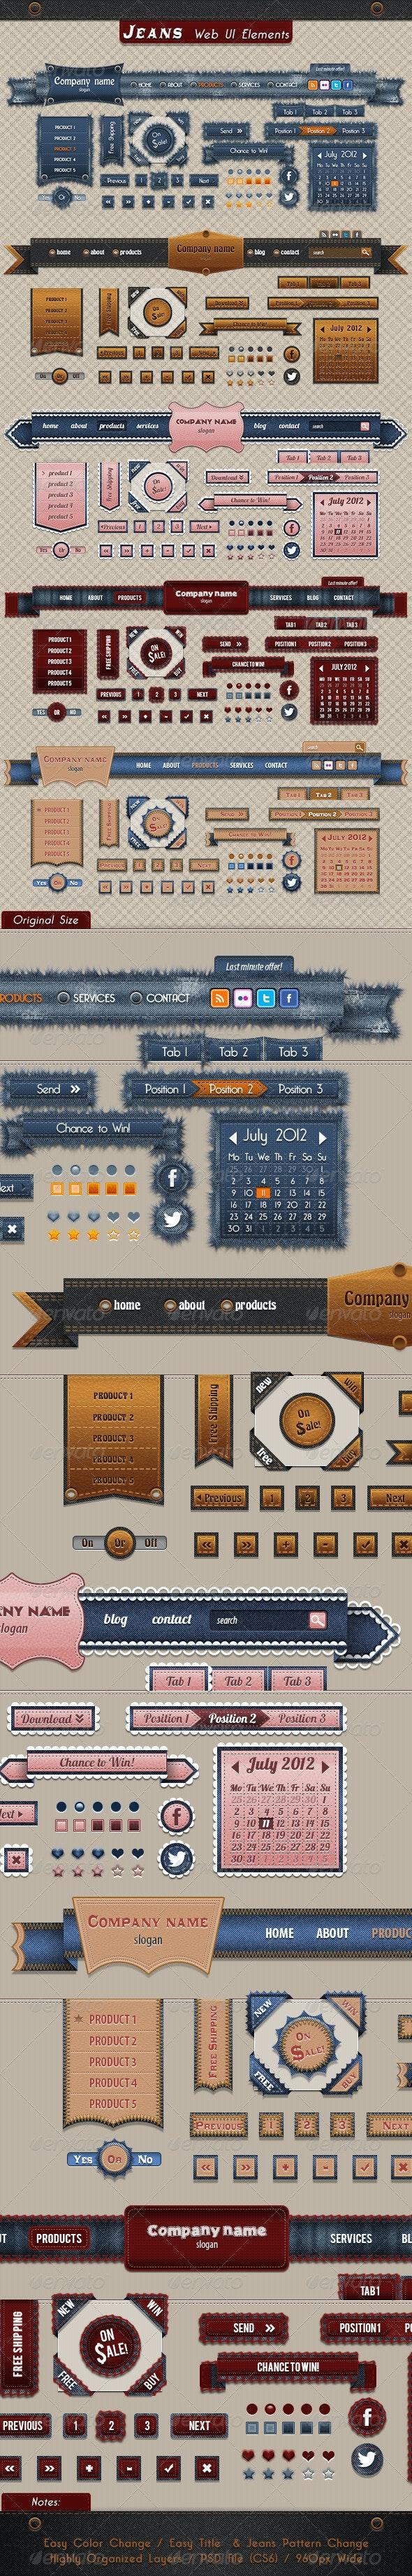 Jeans Web UI Elements - User Interfaces Web Elements